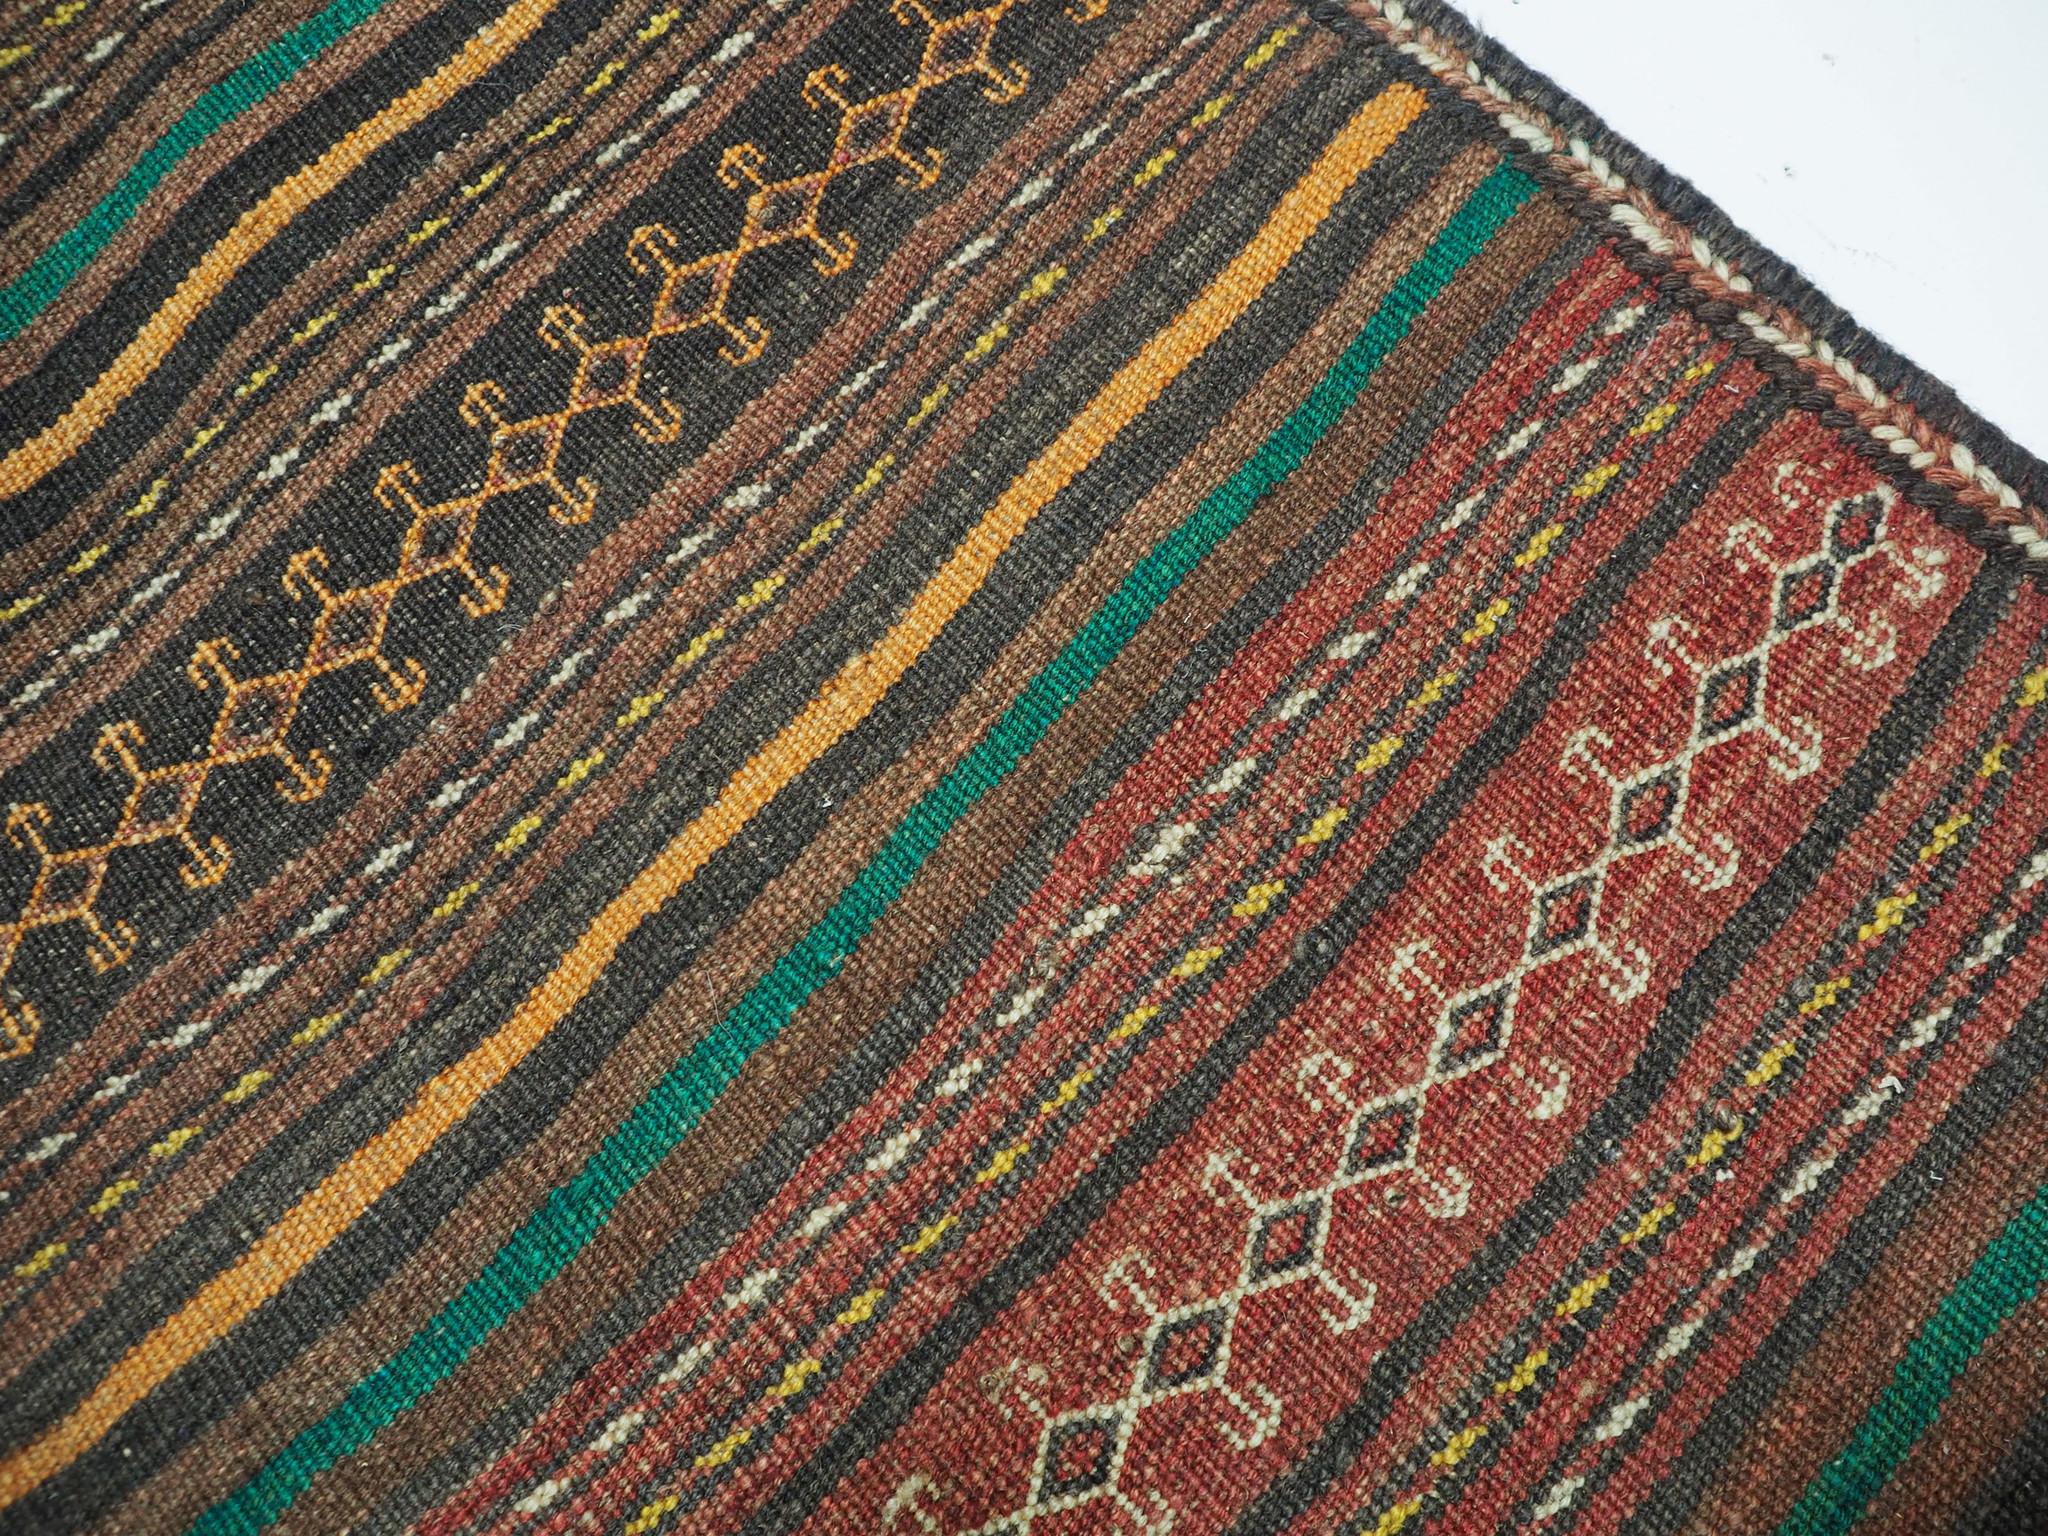 320x145 cm antike handgewebte orient kazak Teppich Nomaden kaukasische kelim No:1390